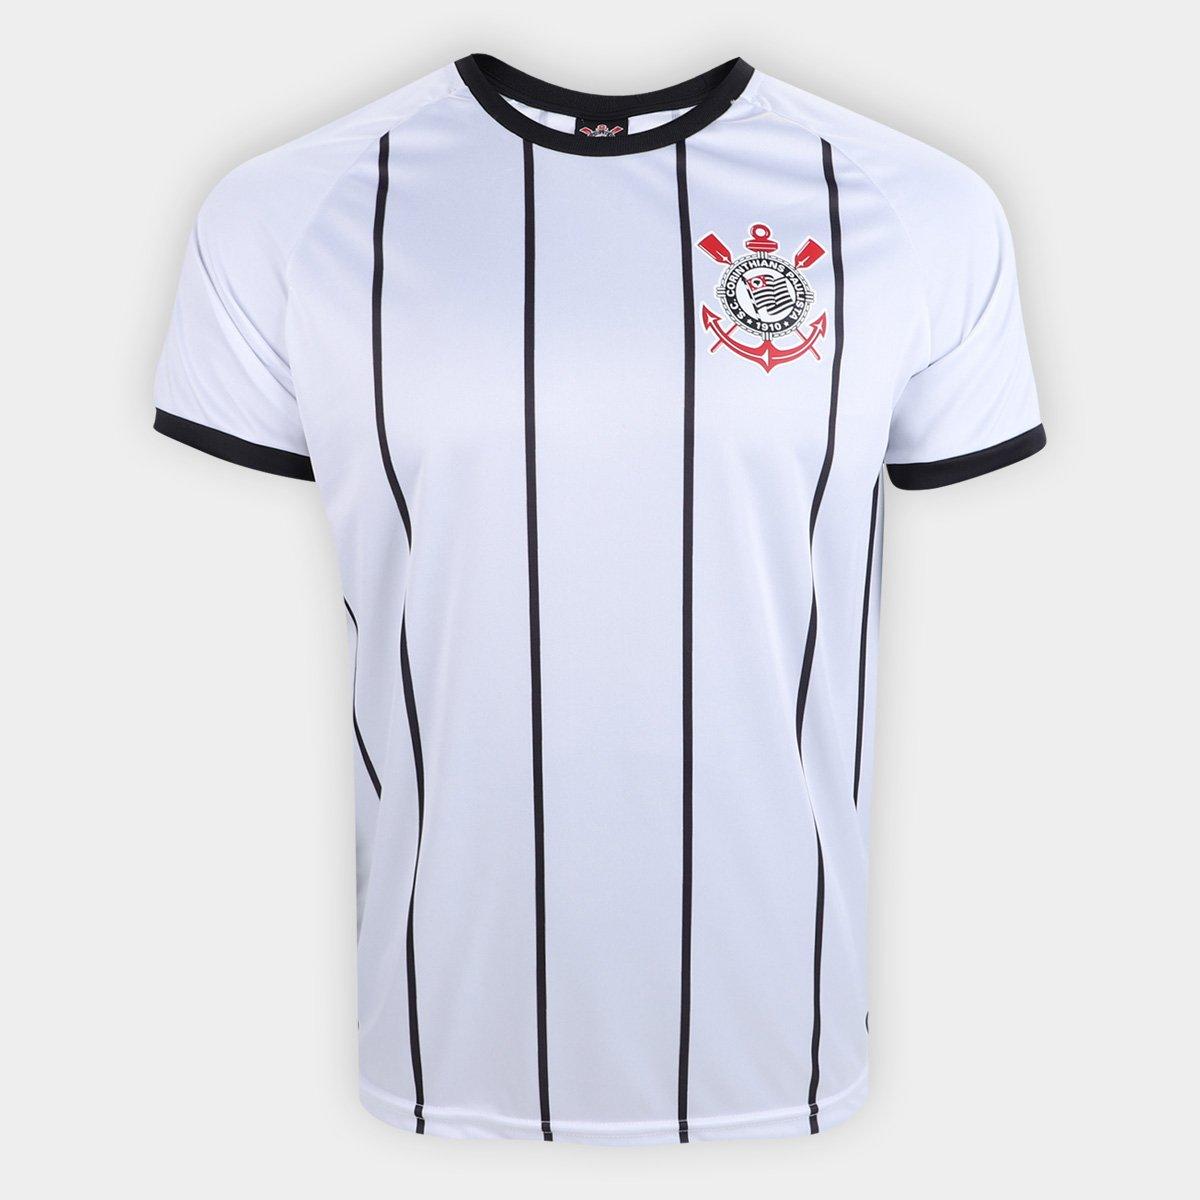 f058538e2b2ad Camisa Corinthians Fenomenal - Edição Limitada Torcedor Masculina - Branco  e Preto - Compre Agora